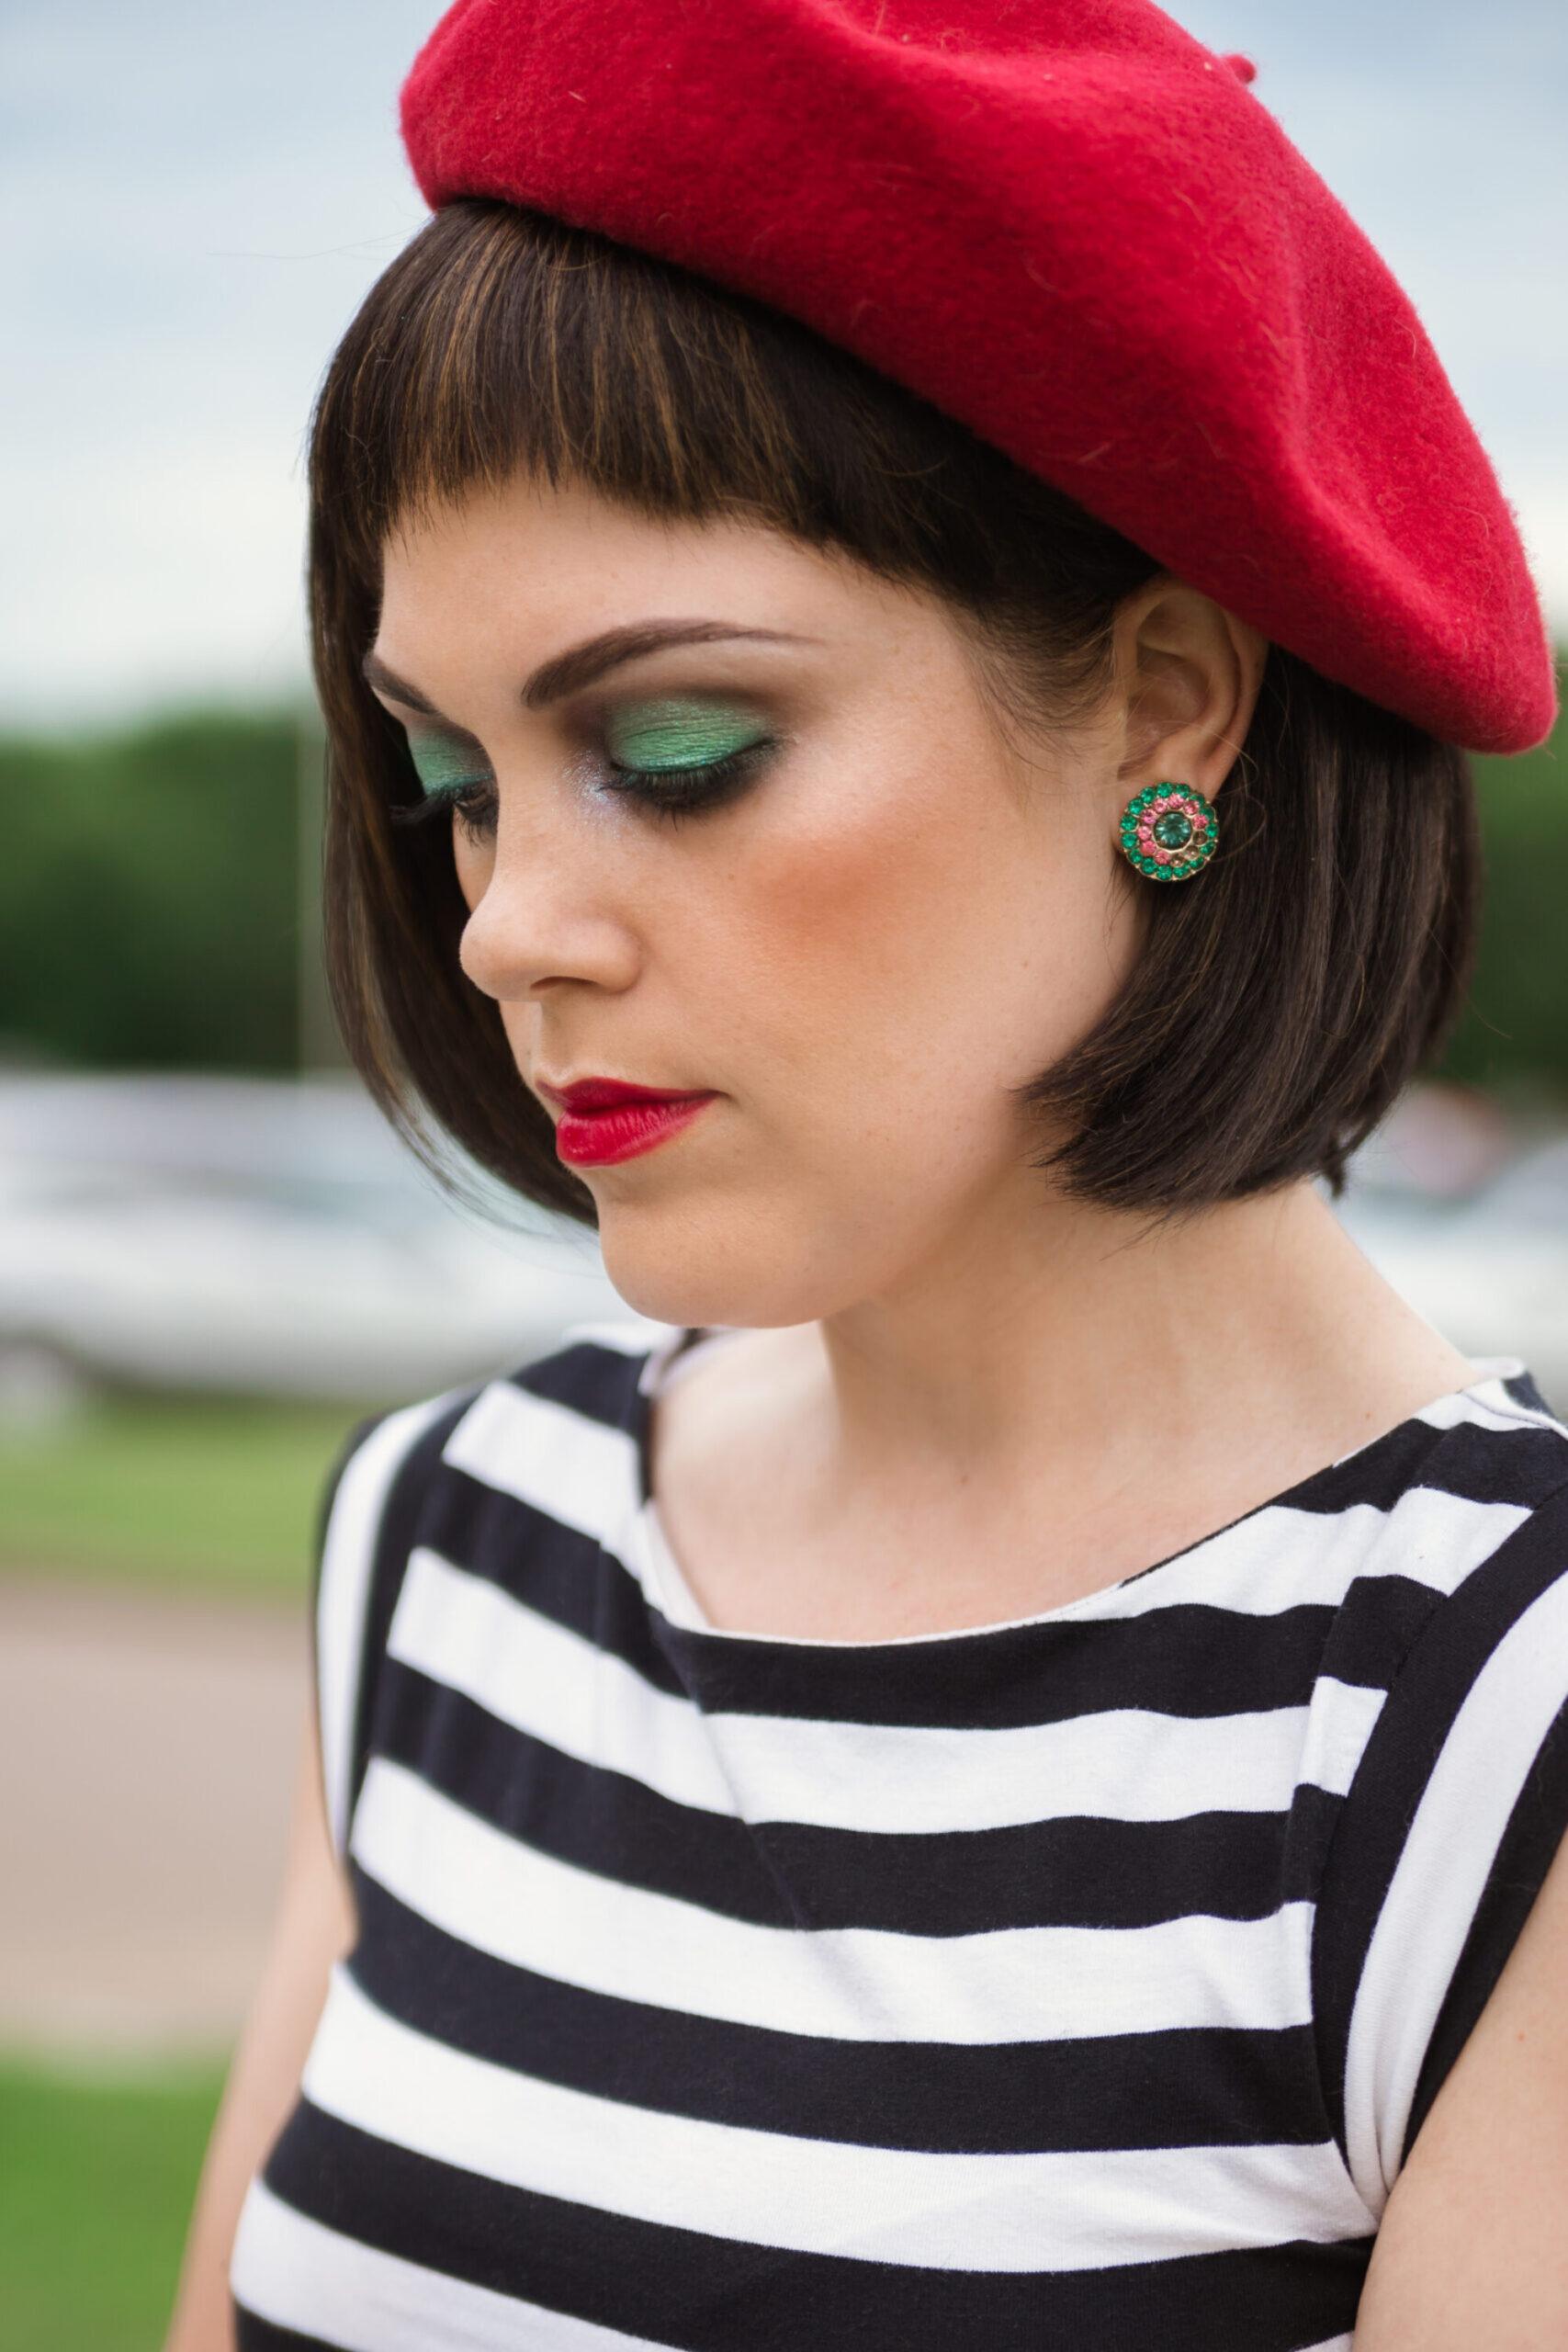 F.A.C.E. Makeup Artistry